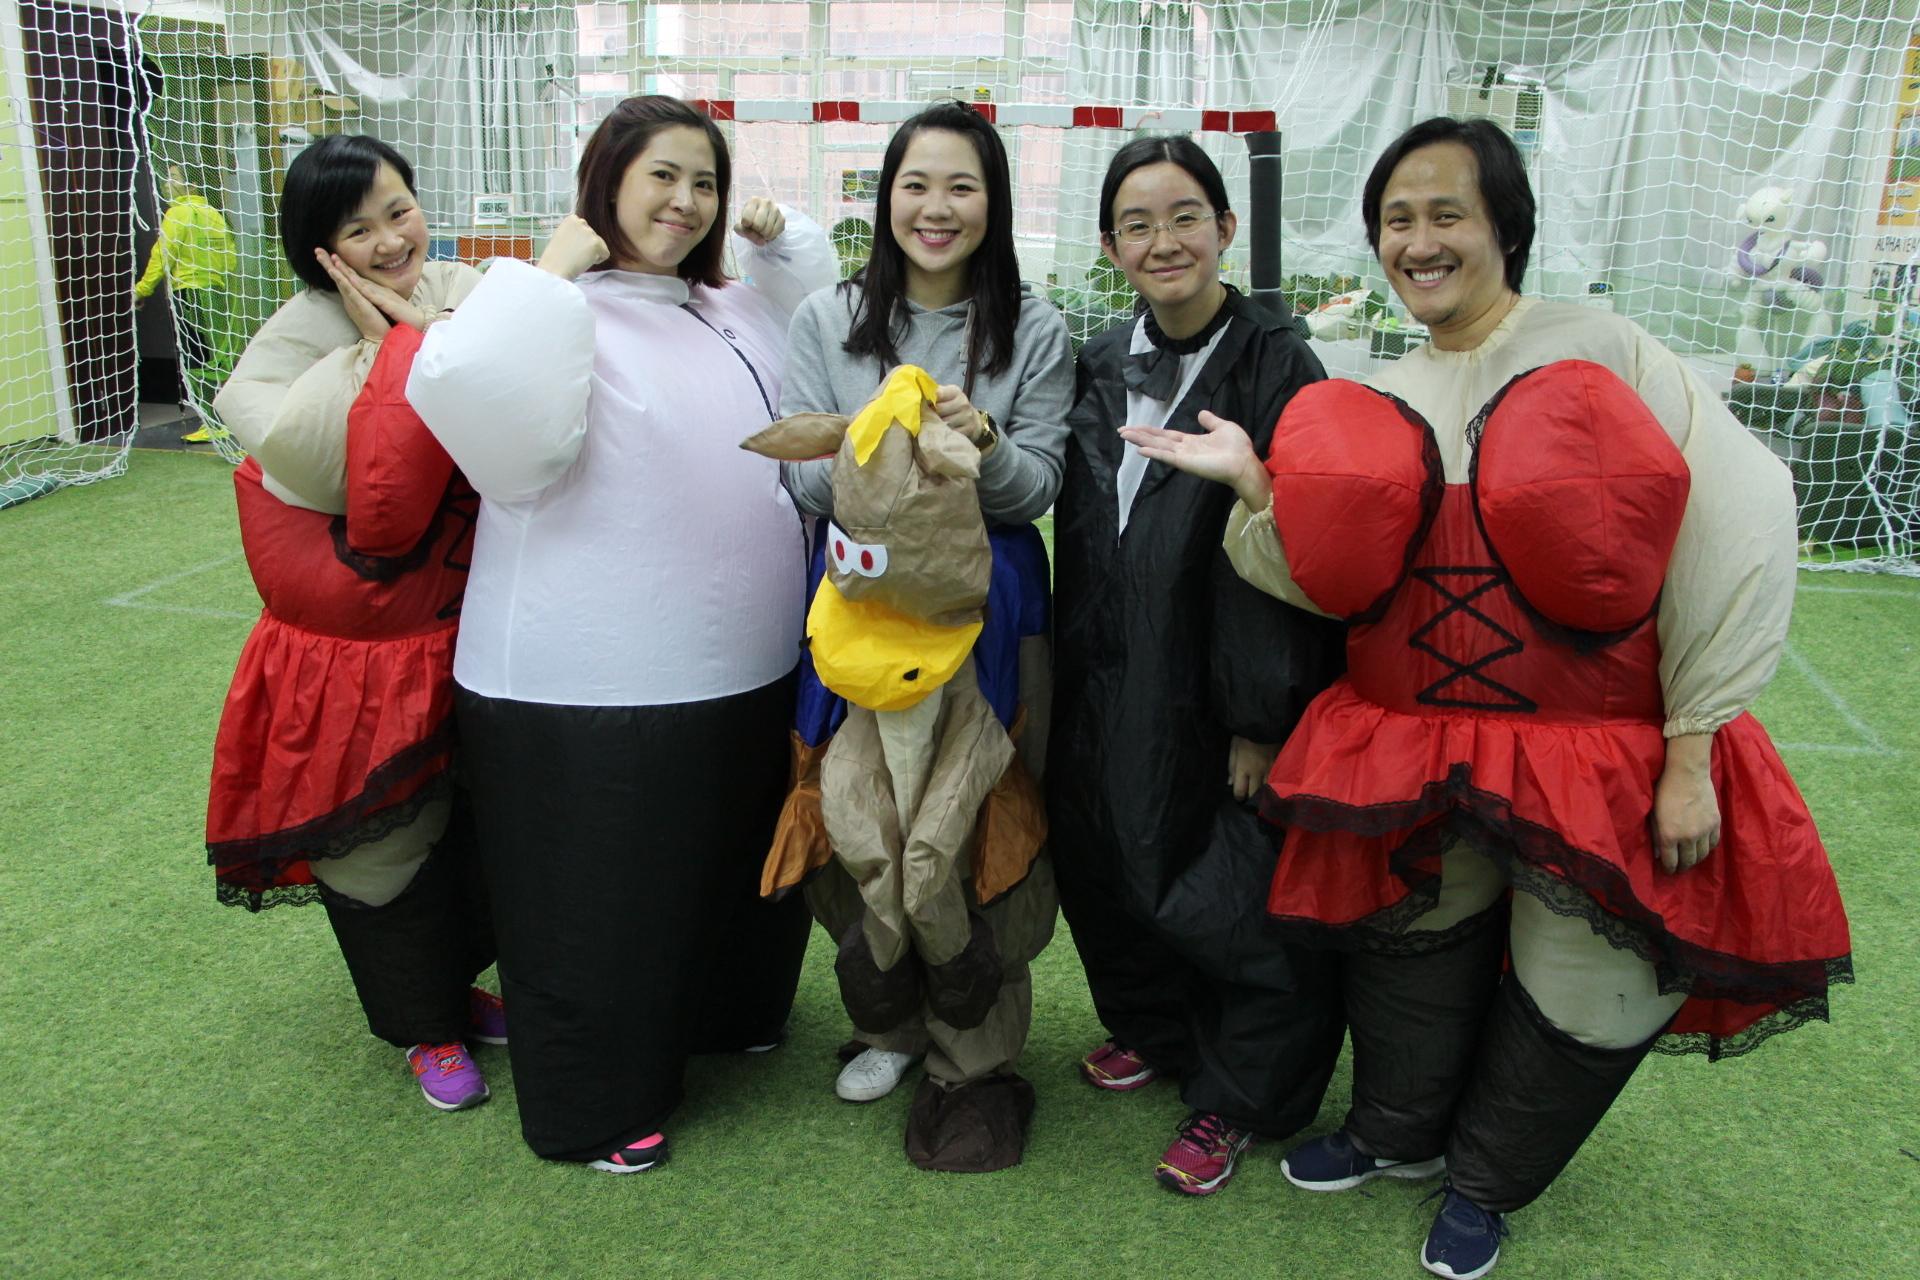 Fat Suits HK